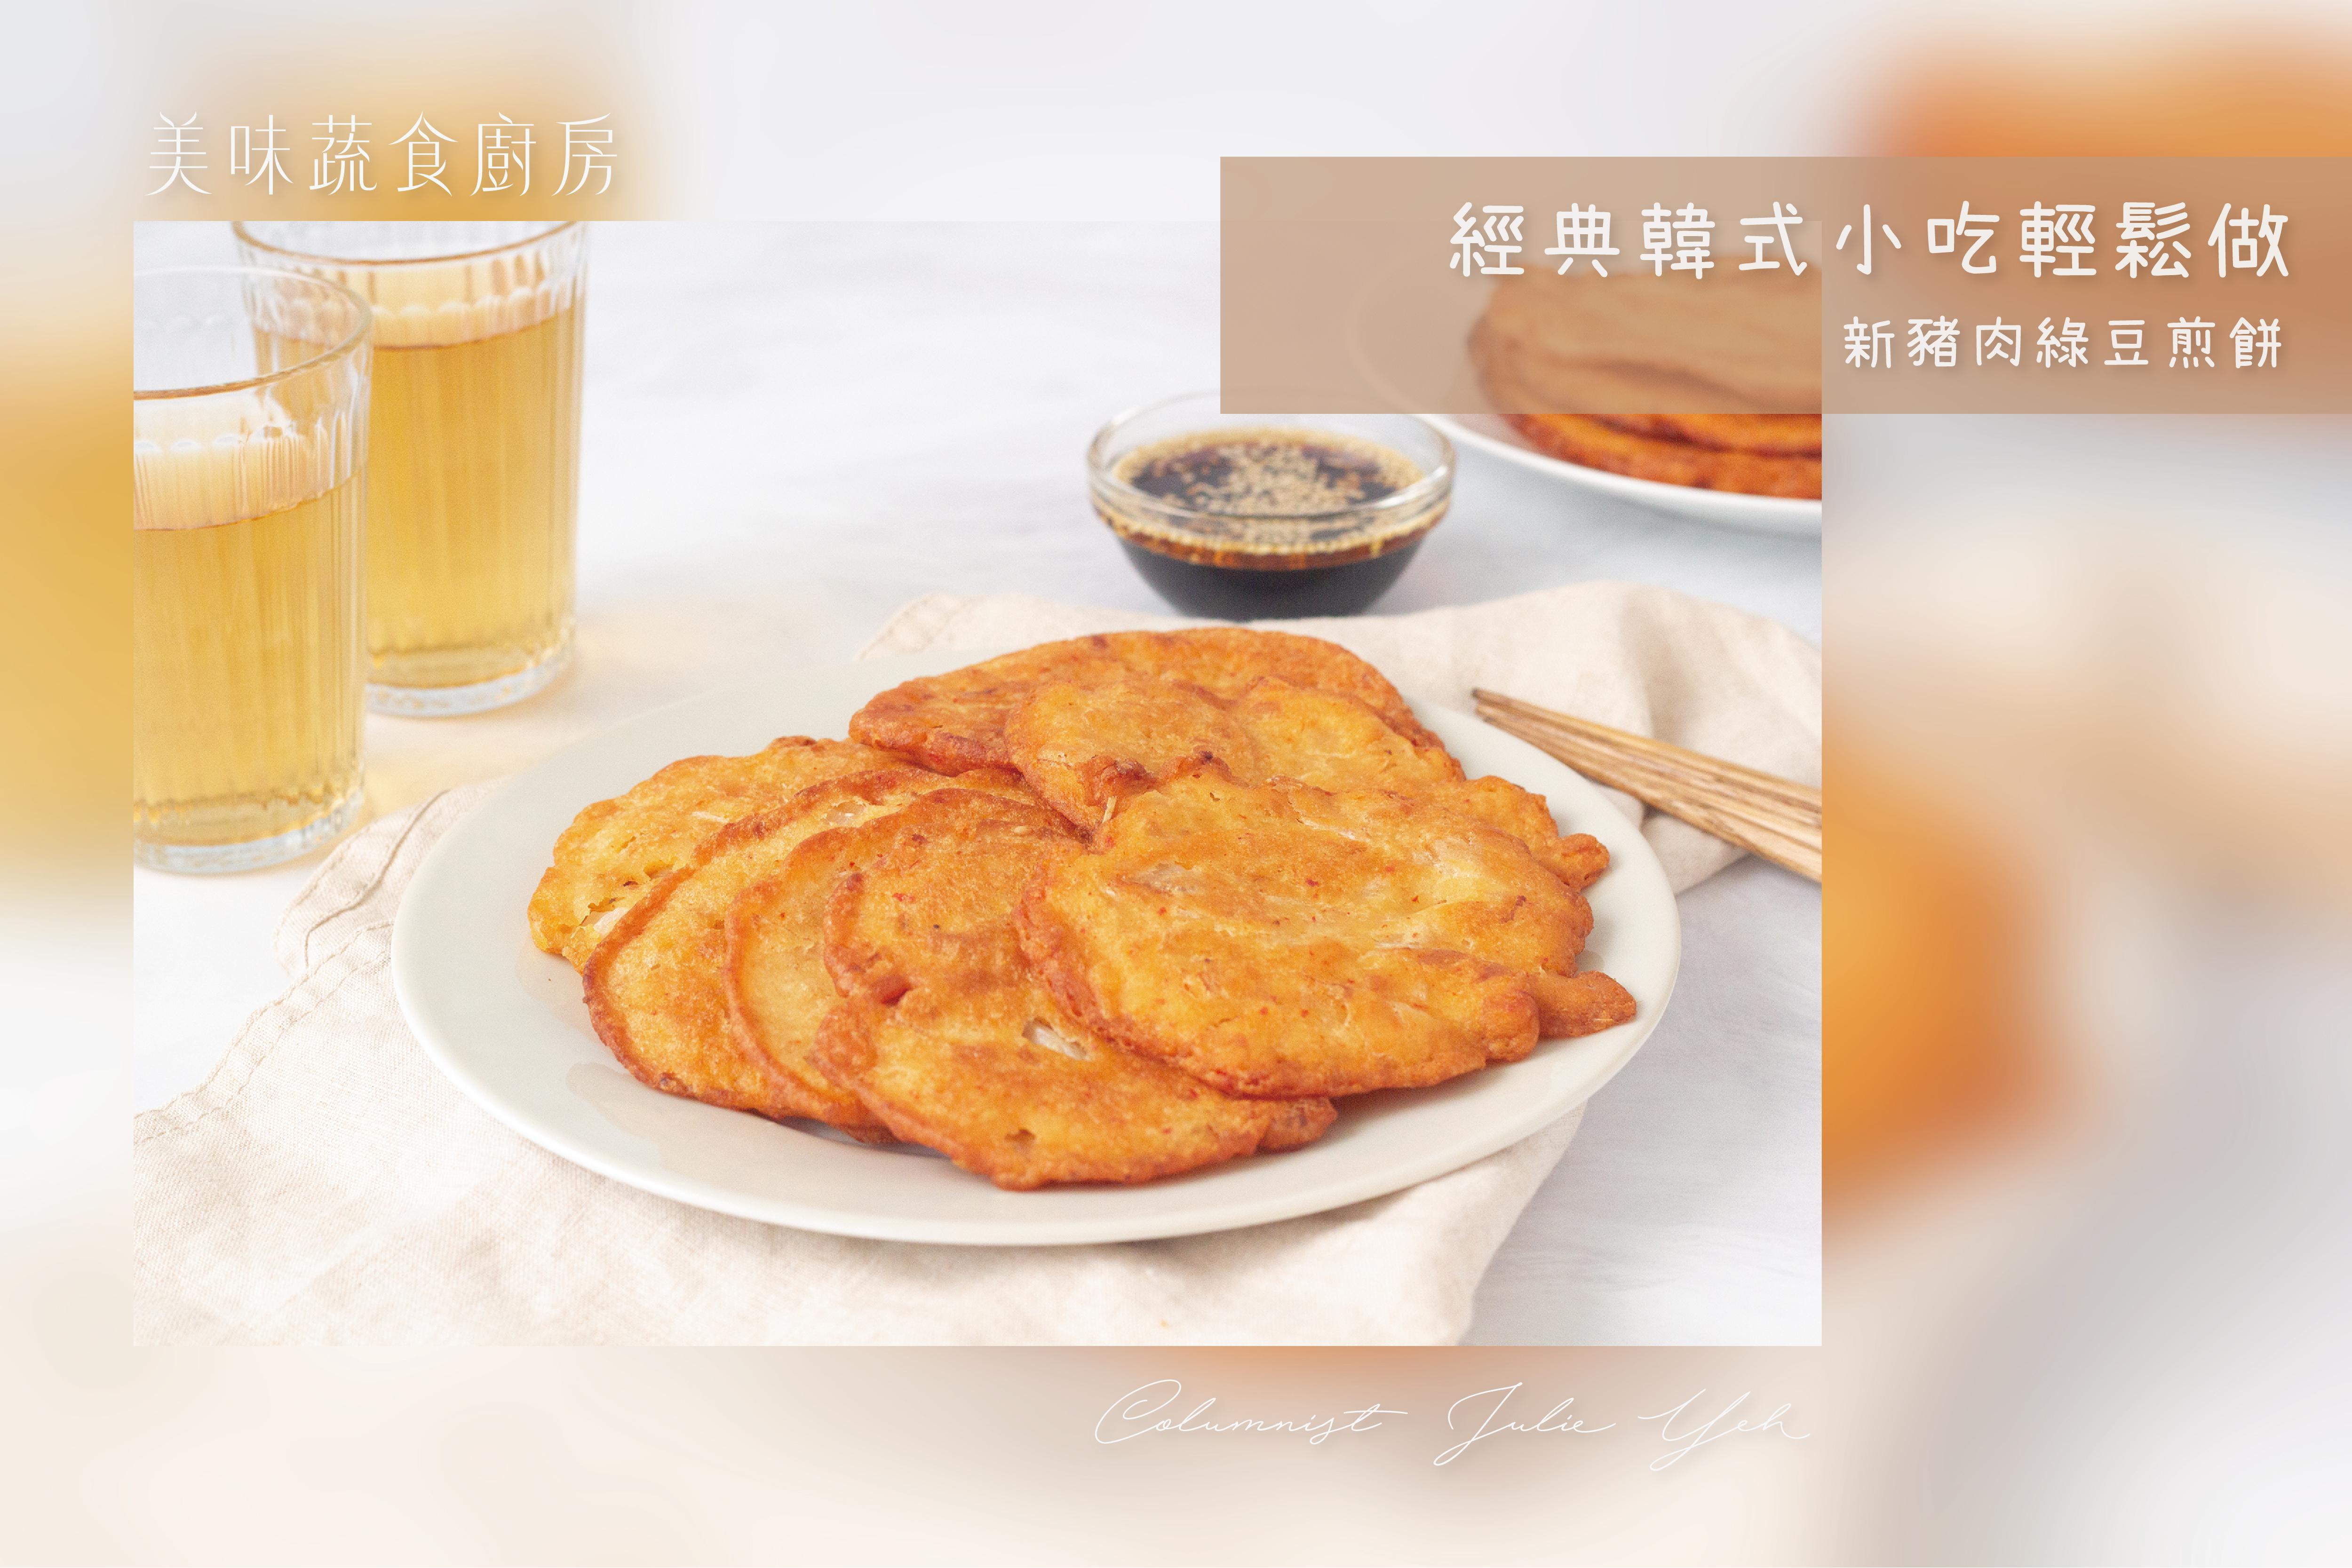 經典韓式小吃輕鬆做:新豬肉綠豆煎餅